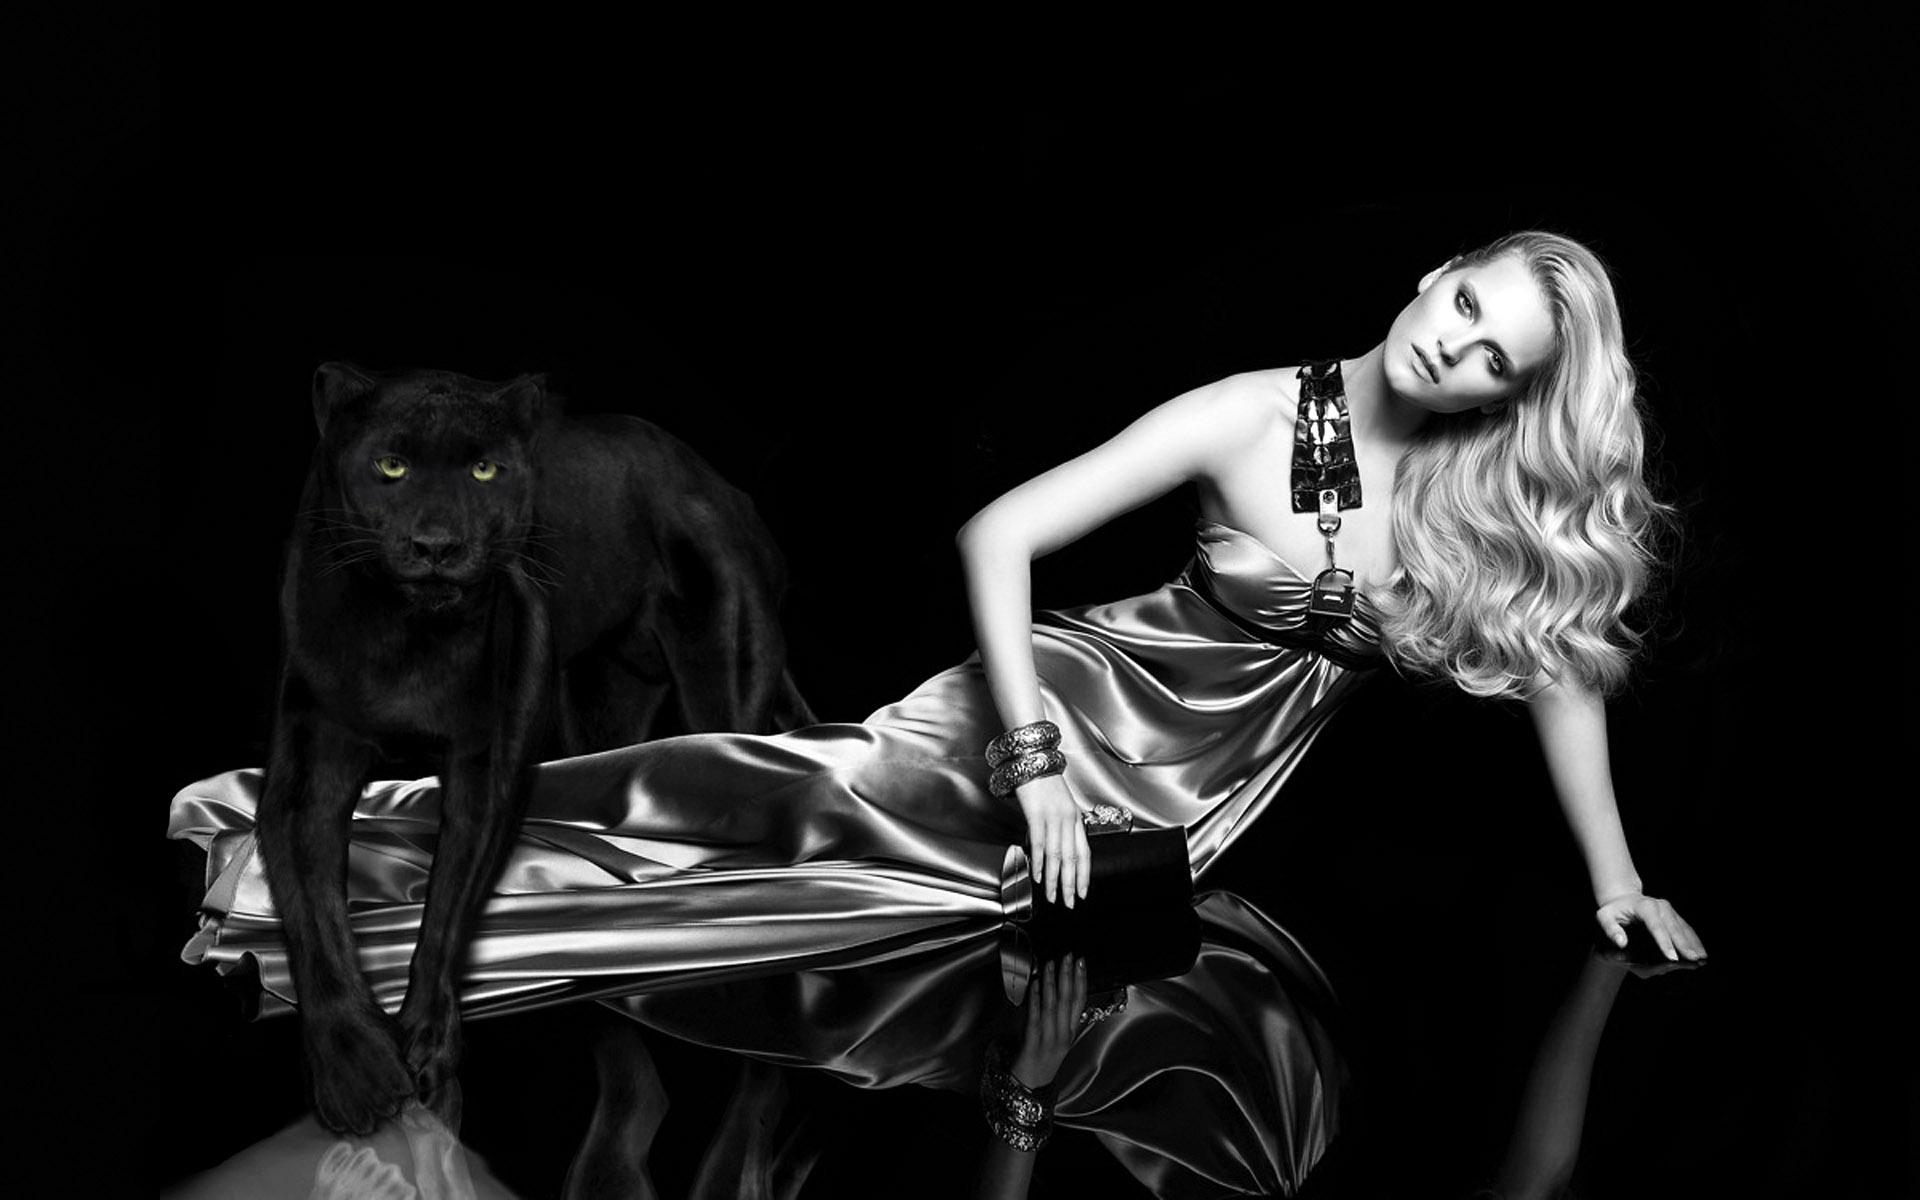 Digital Art Black & White